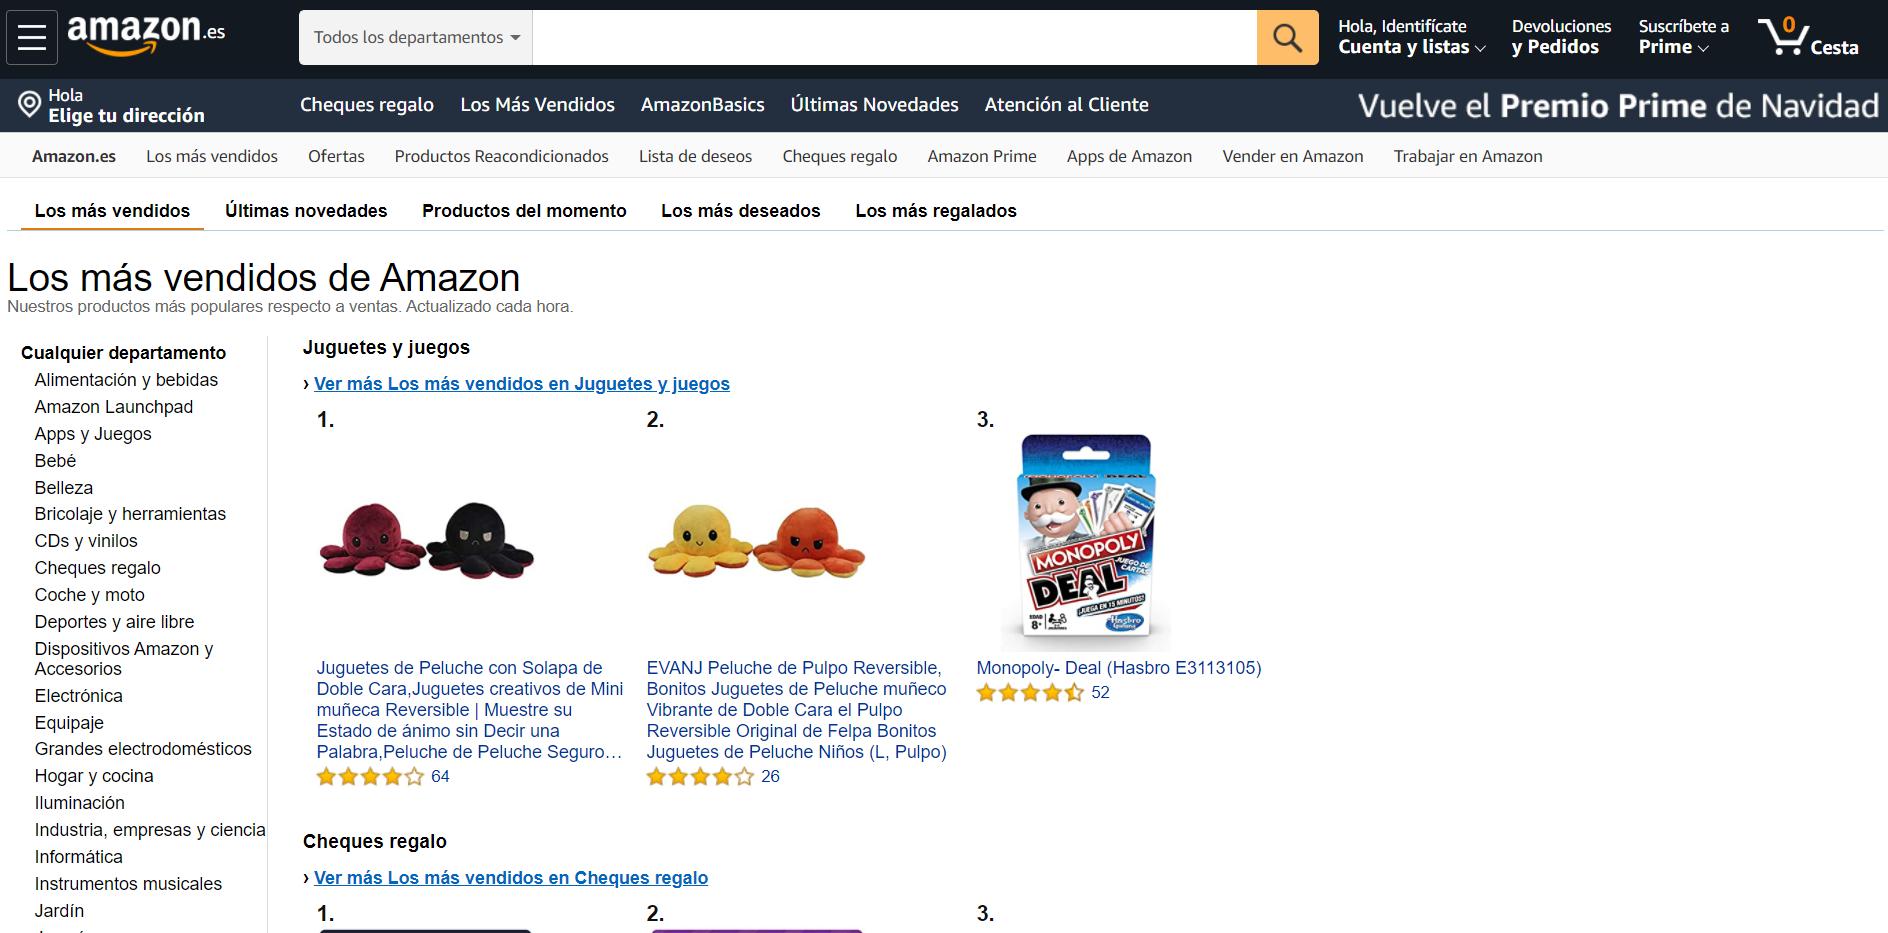 dentro de los más vendidos de Amazon